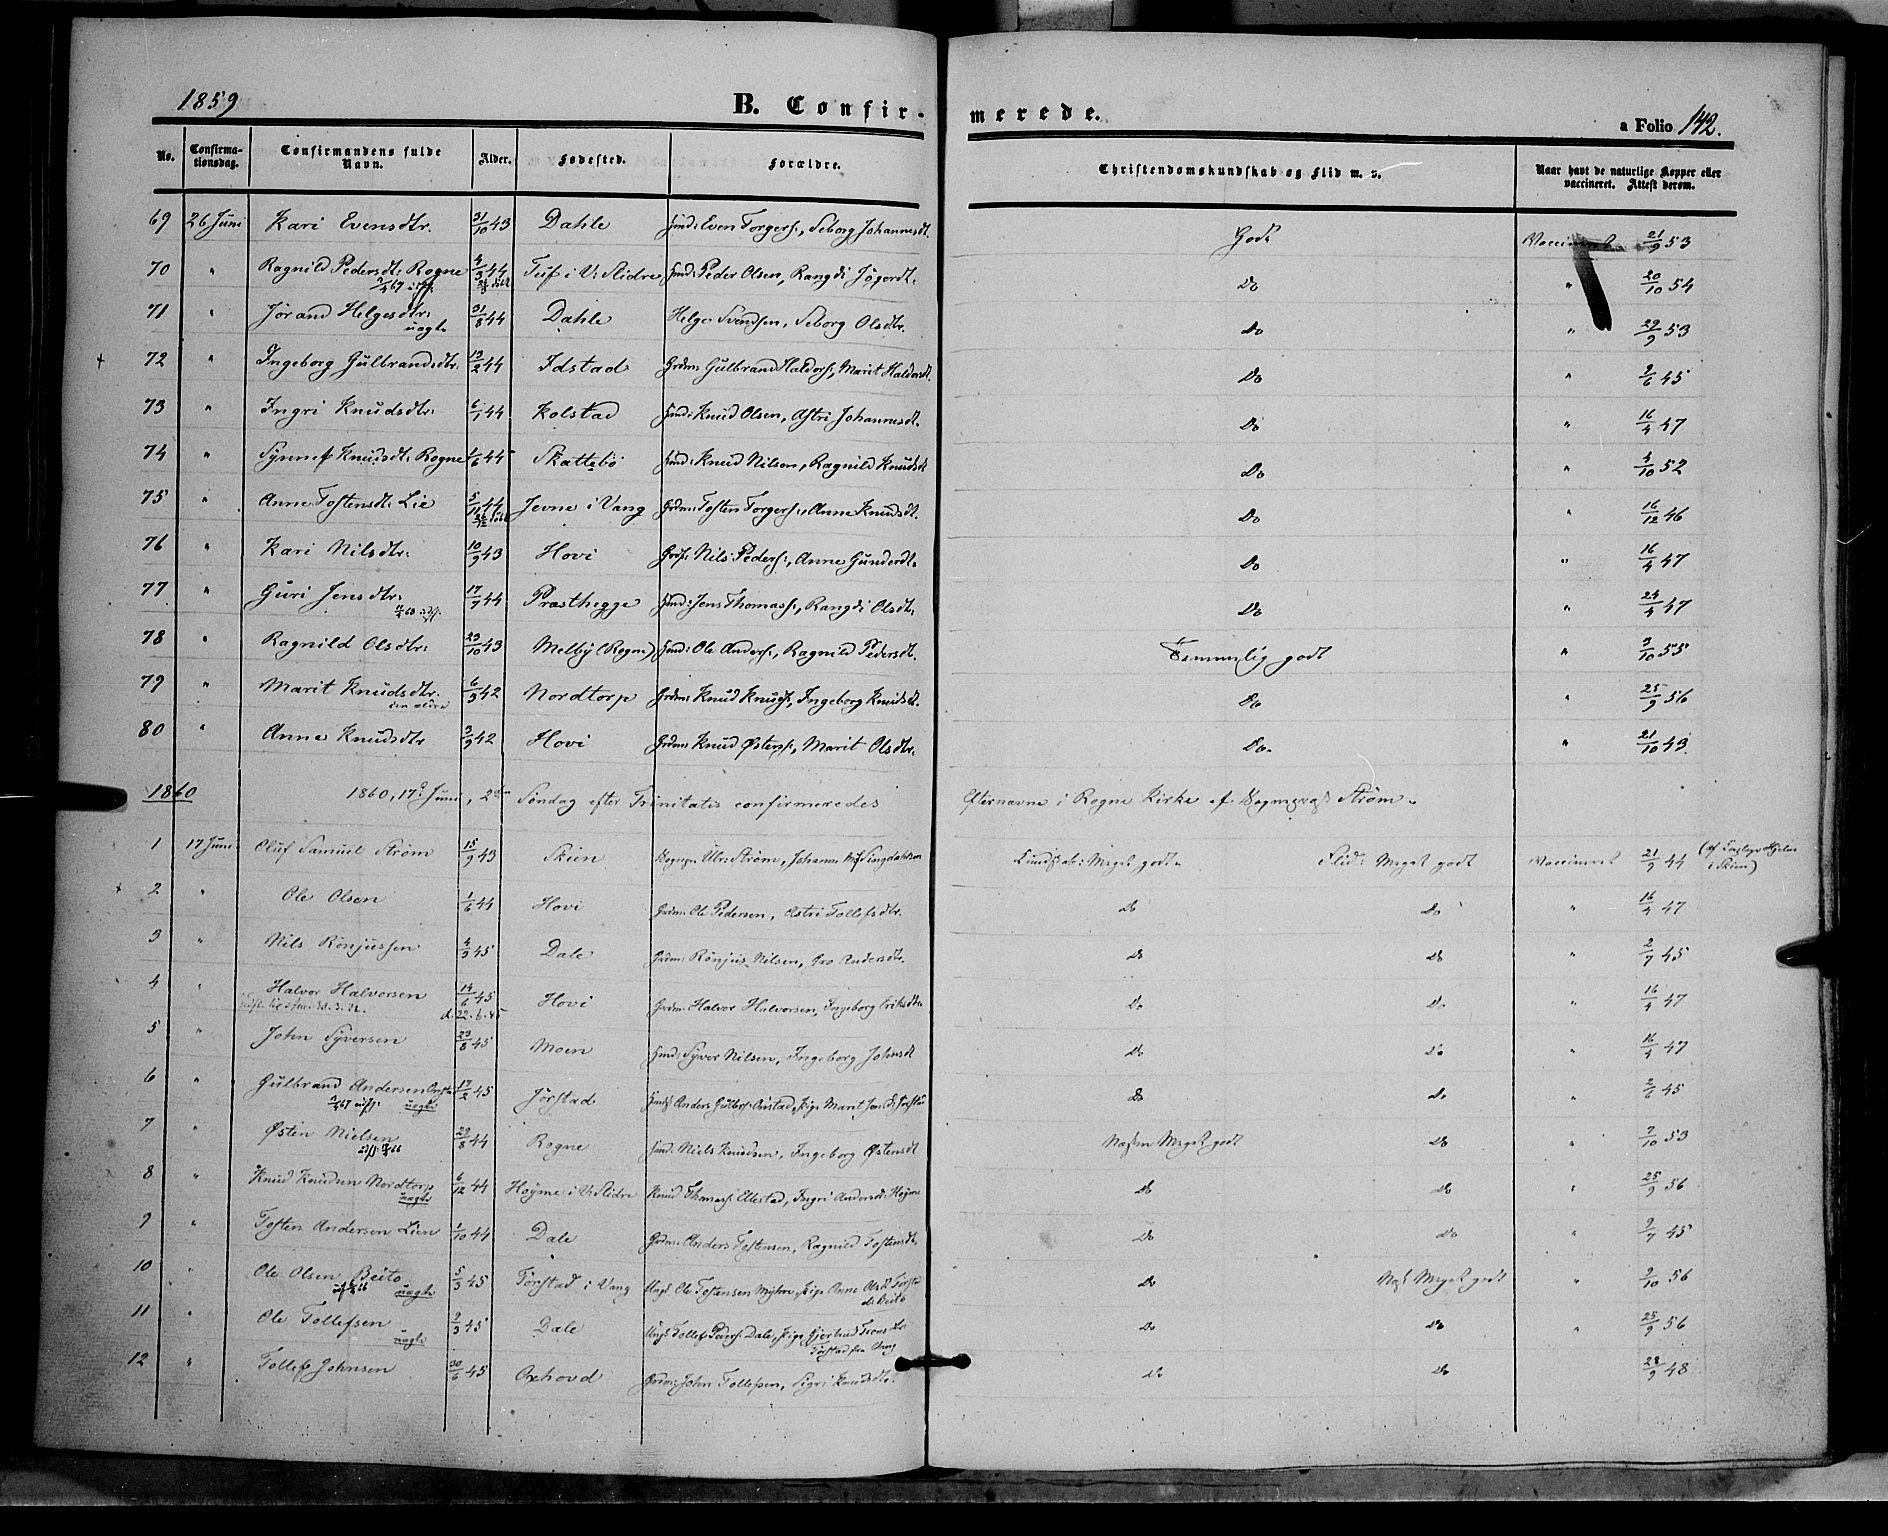 SAH, Øystre Slidre prestekontor, Ministerialbok nr. 1, 1849-1874, s. 142